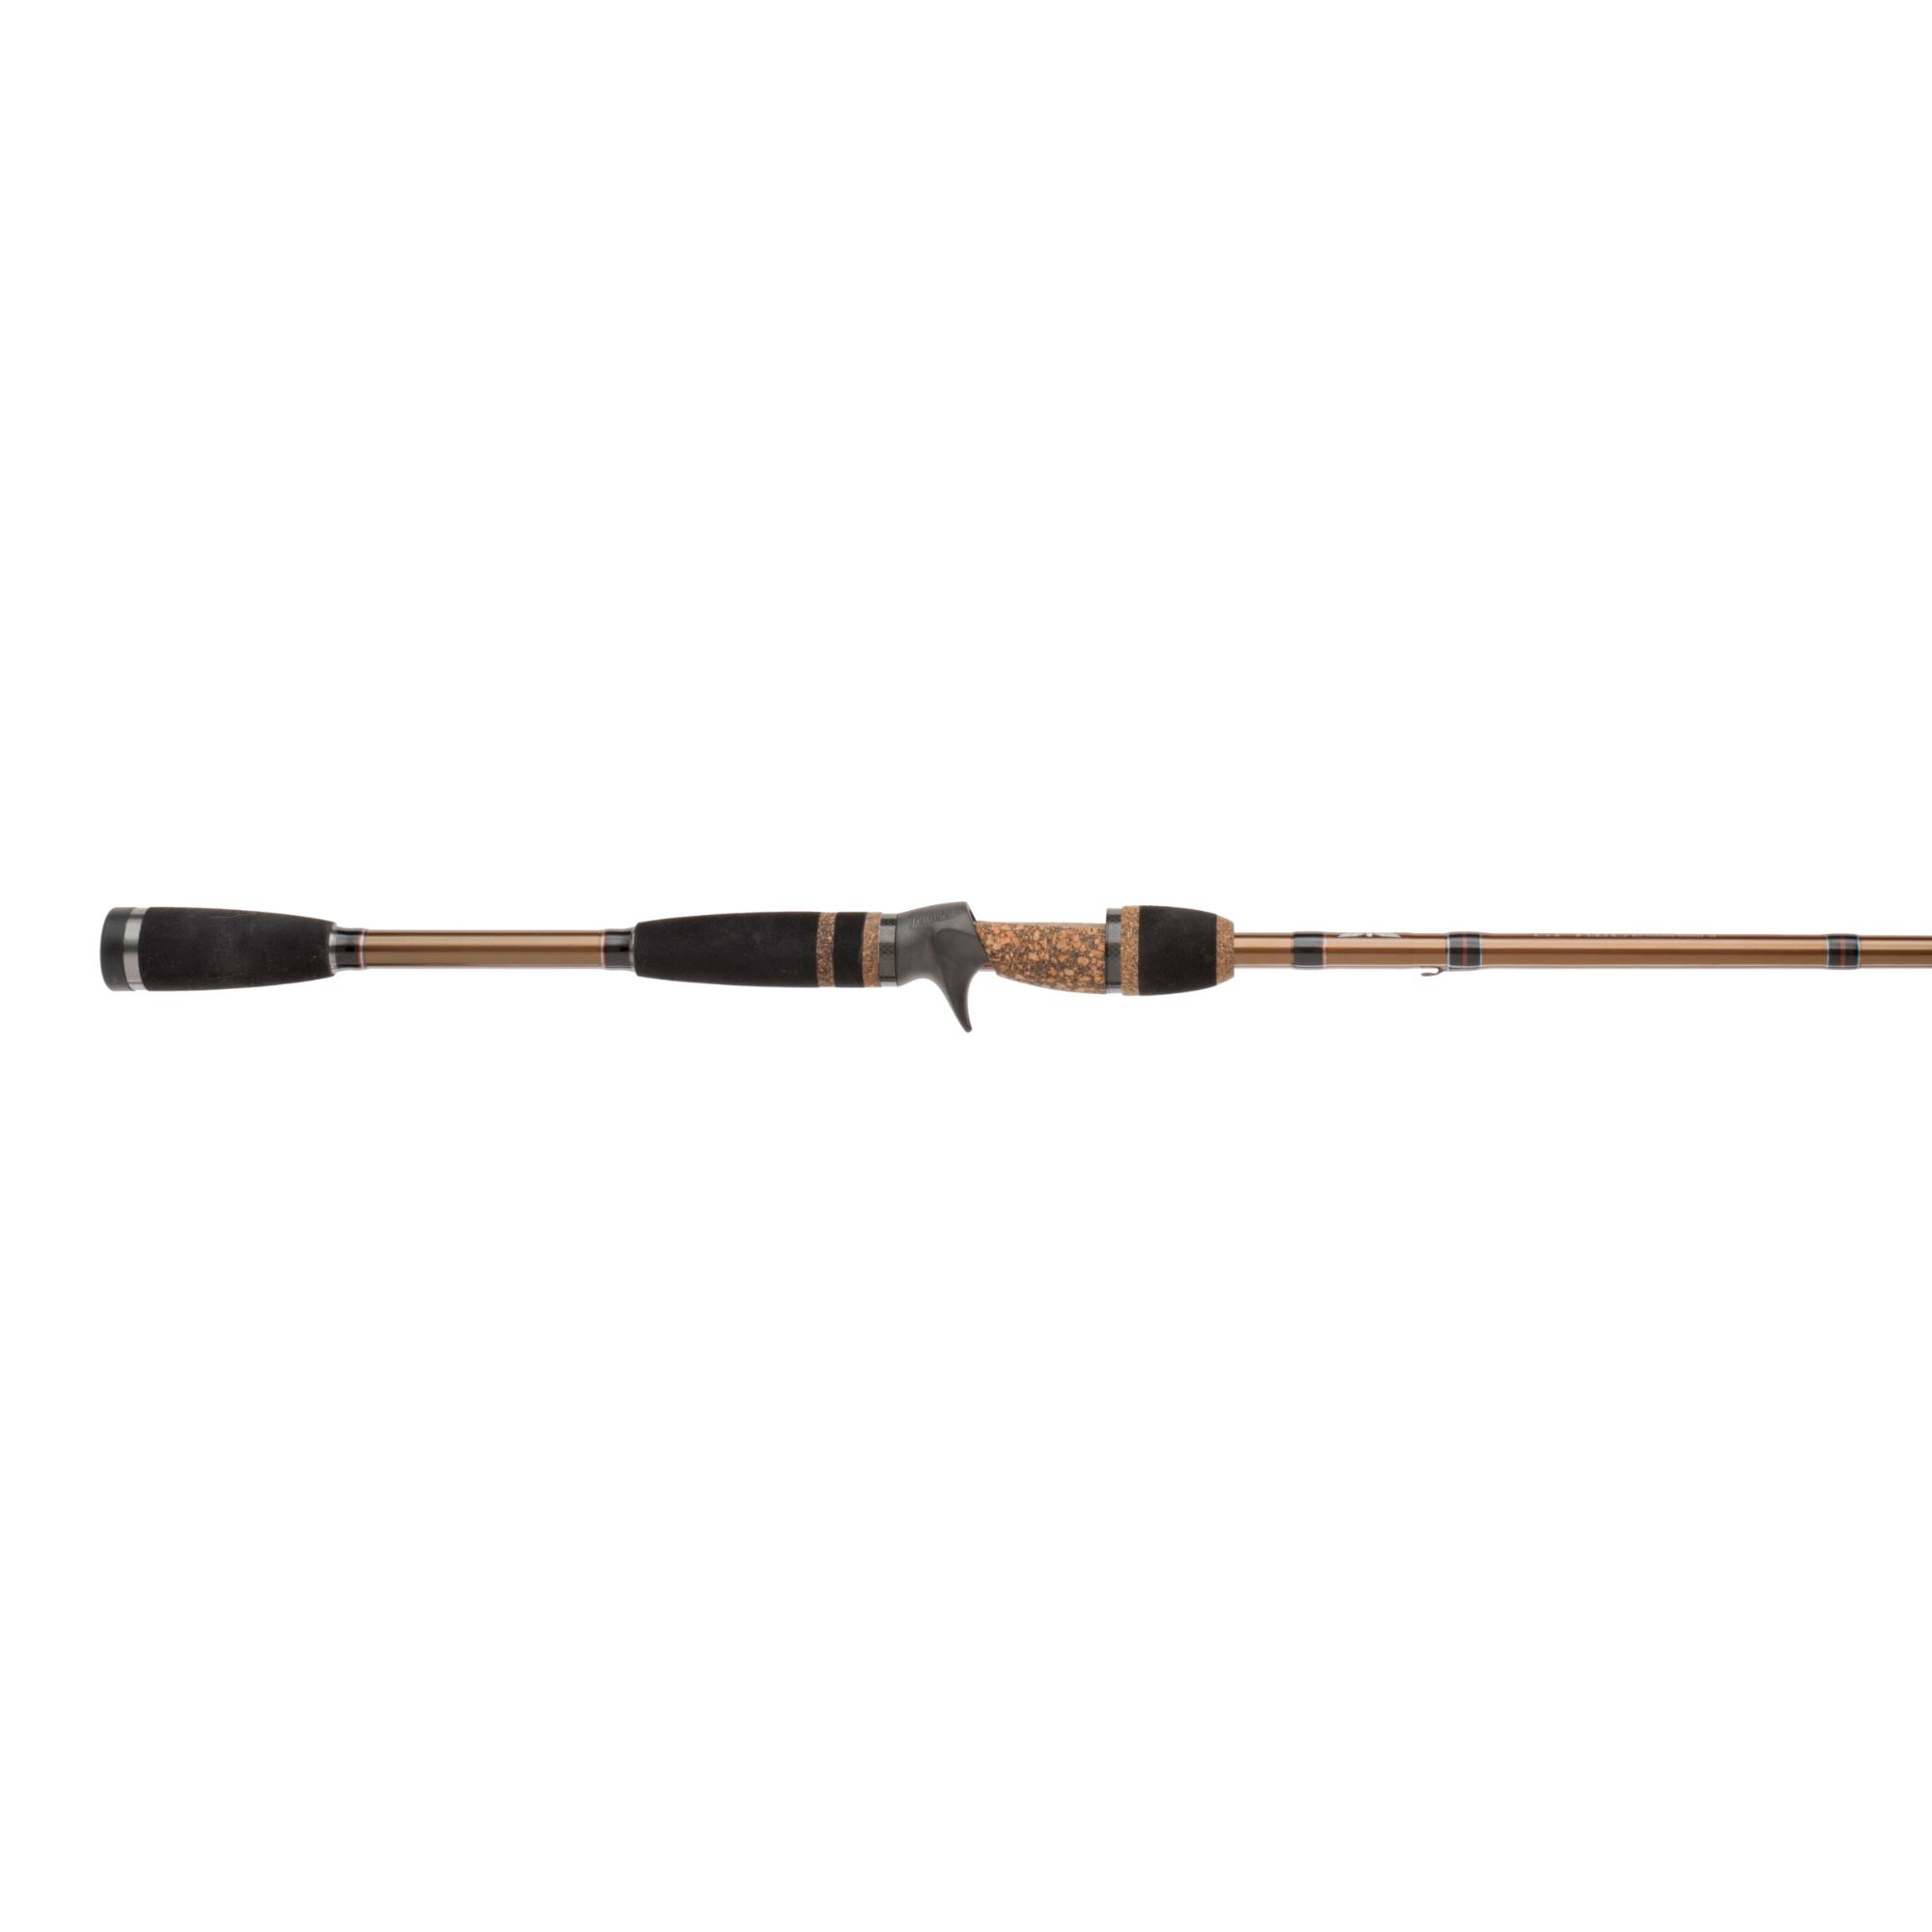 Fenwick elite techtm bass casting ebay for Best fishing rods for bass